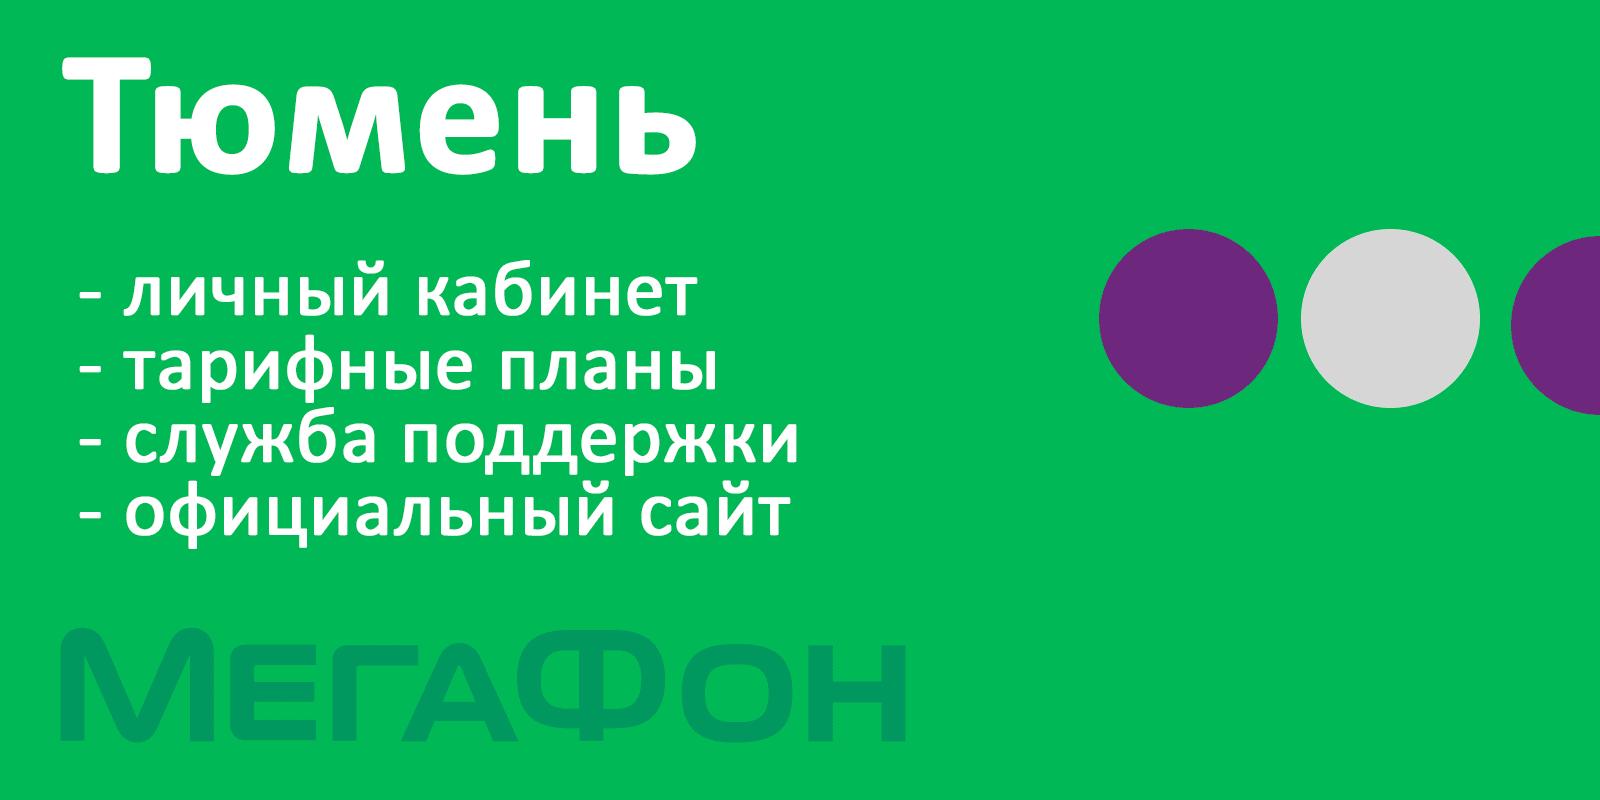 Мегафон Тюмень - личный кабинет, тарифы, официальный сайт